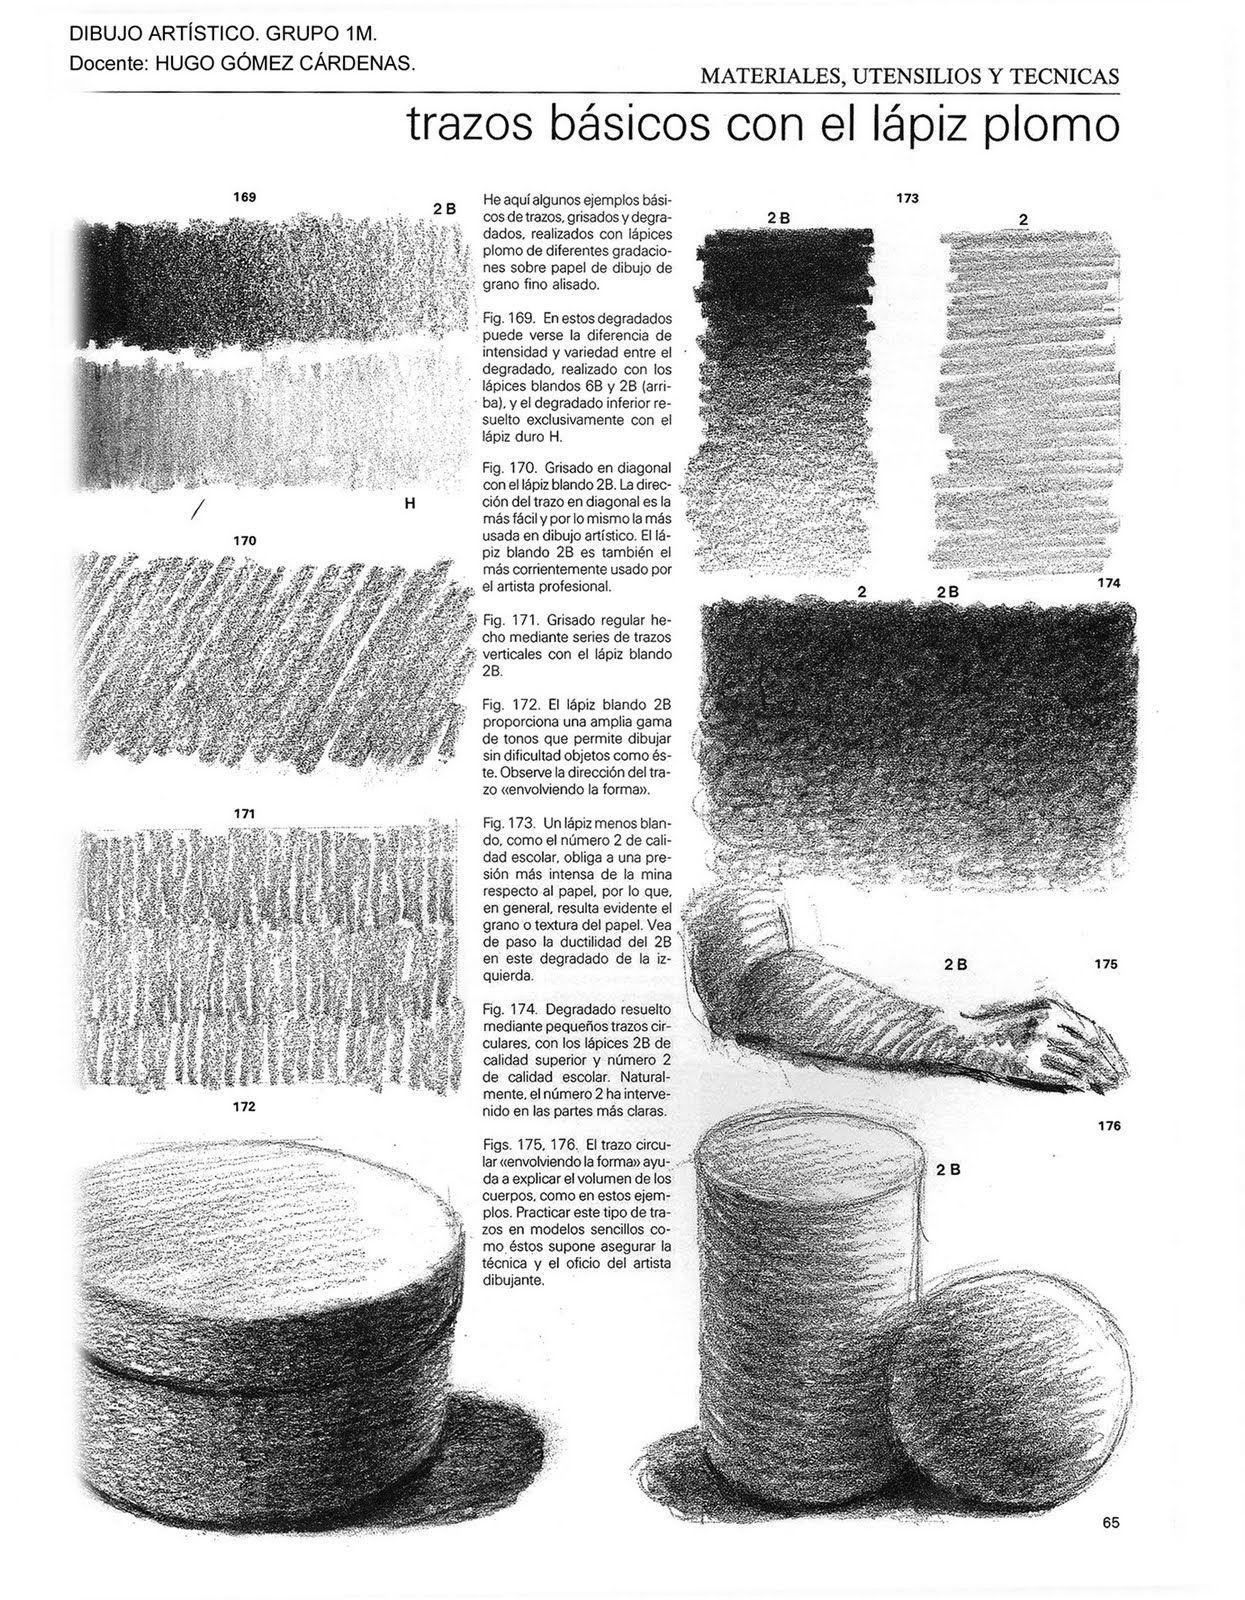 Conceptos Comentarios E Imagenes De Referencia Para Los Interesados En El Diseno Y Las A Ejercicios De Dibujo Tecnicas De Sombreado Clases De Dibujo Artistico